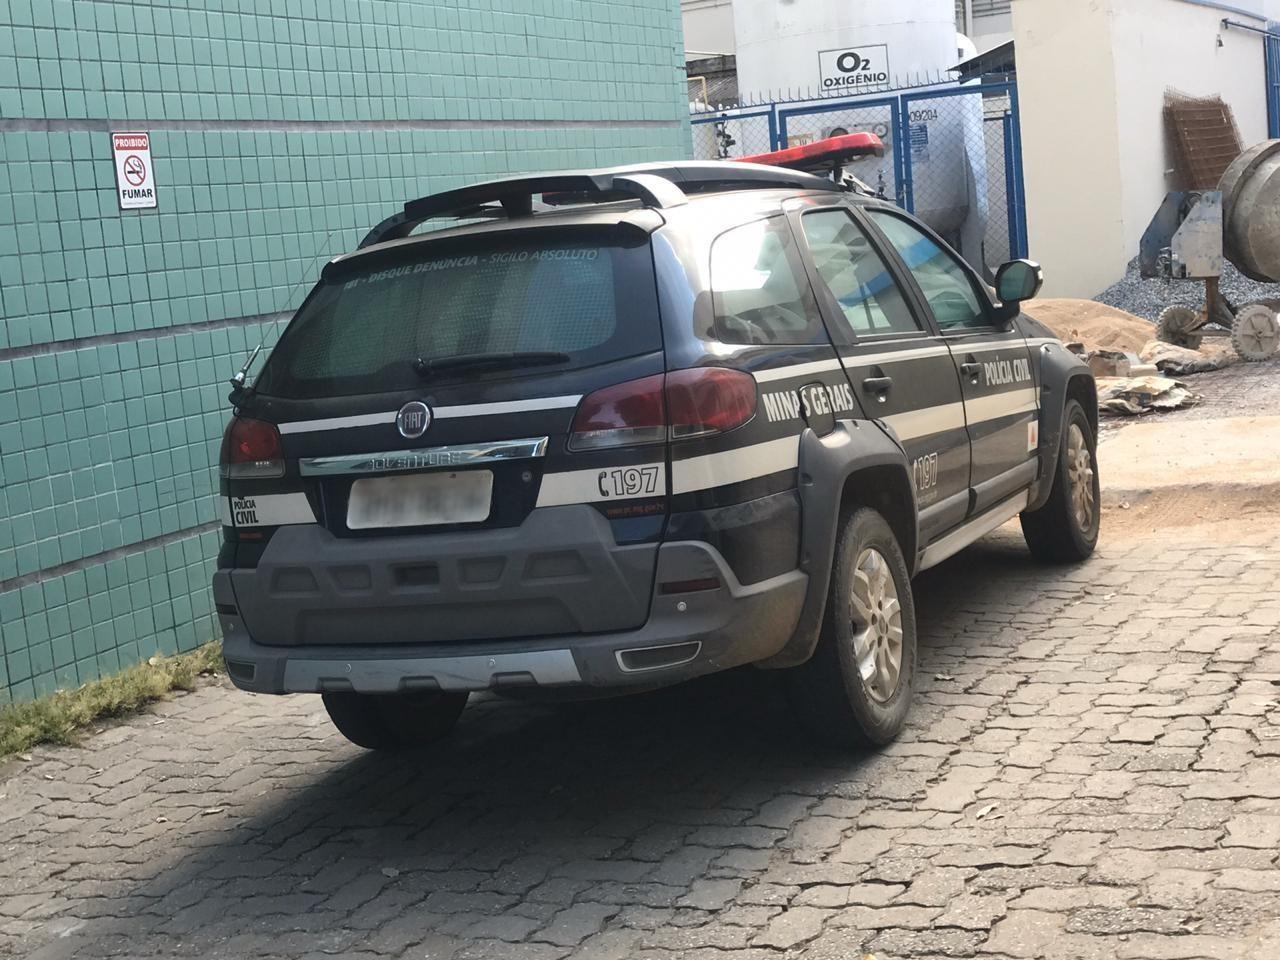 Jovem morre em hospital após ser atingido por um tiro na virilha em Governador Valadares